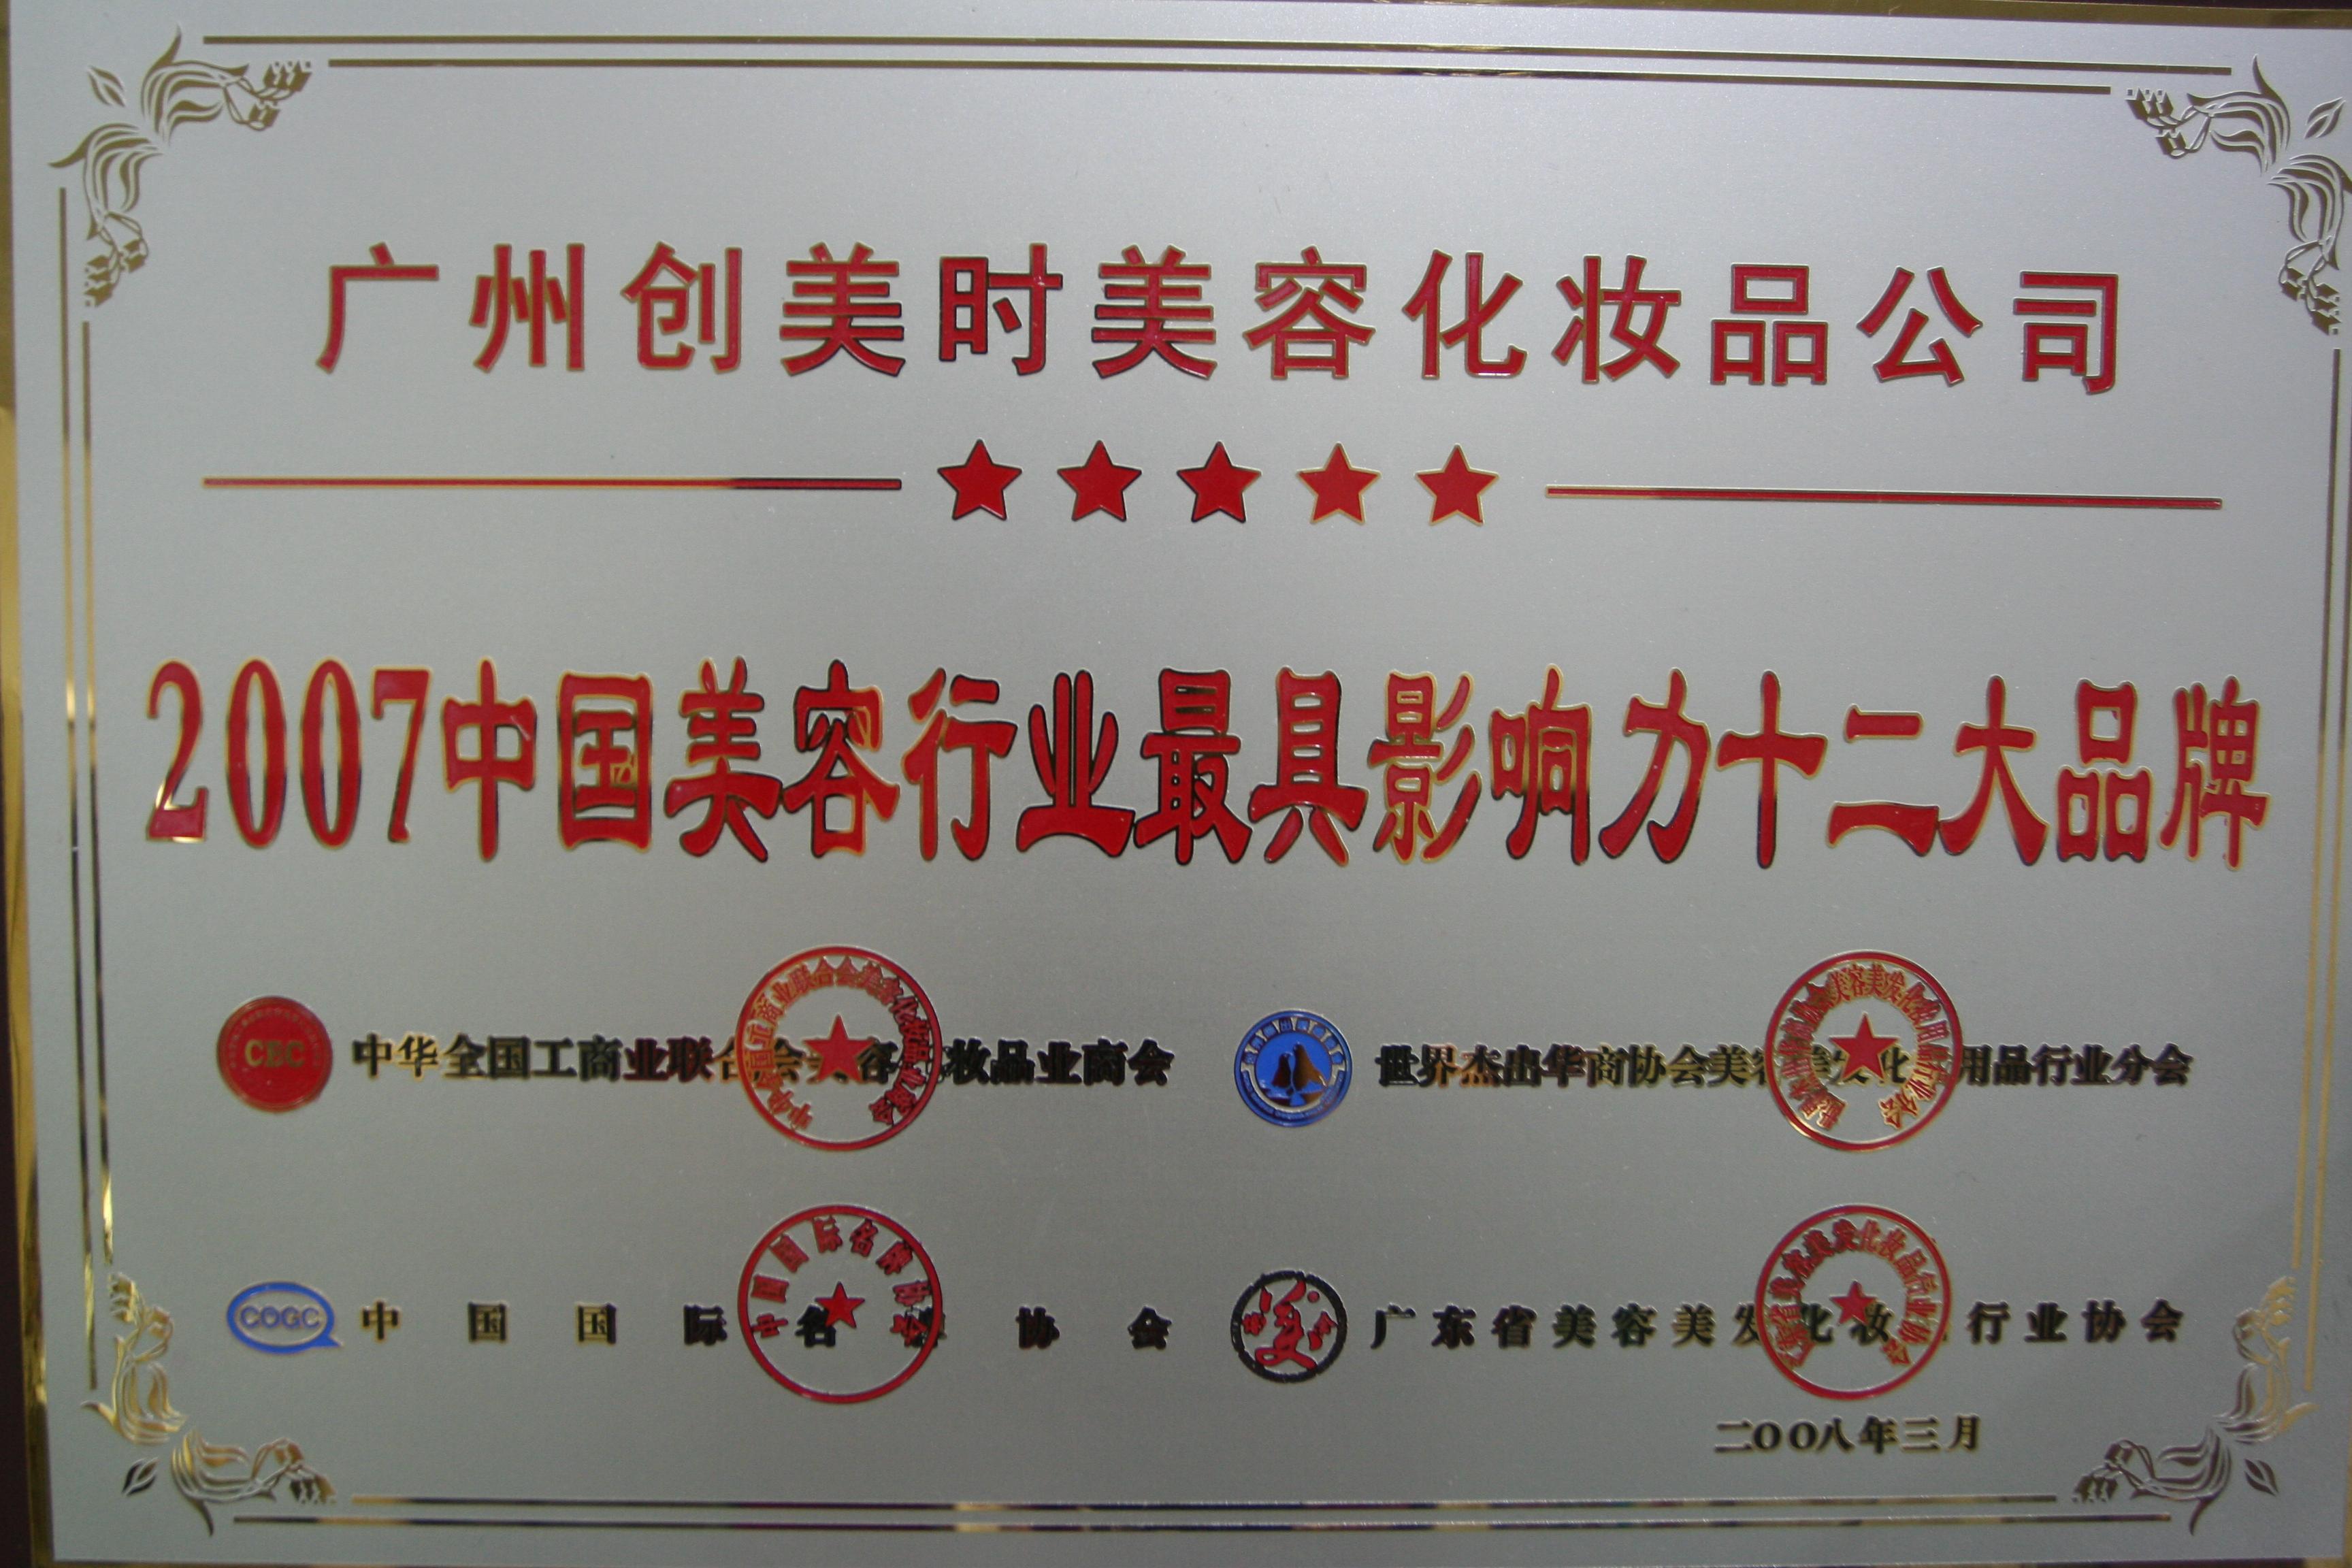 2007中国美容业最具影响力十二大品牌奖牌